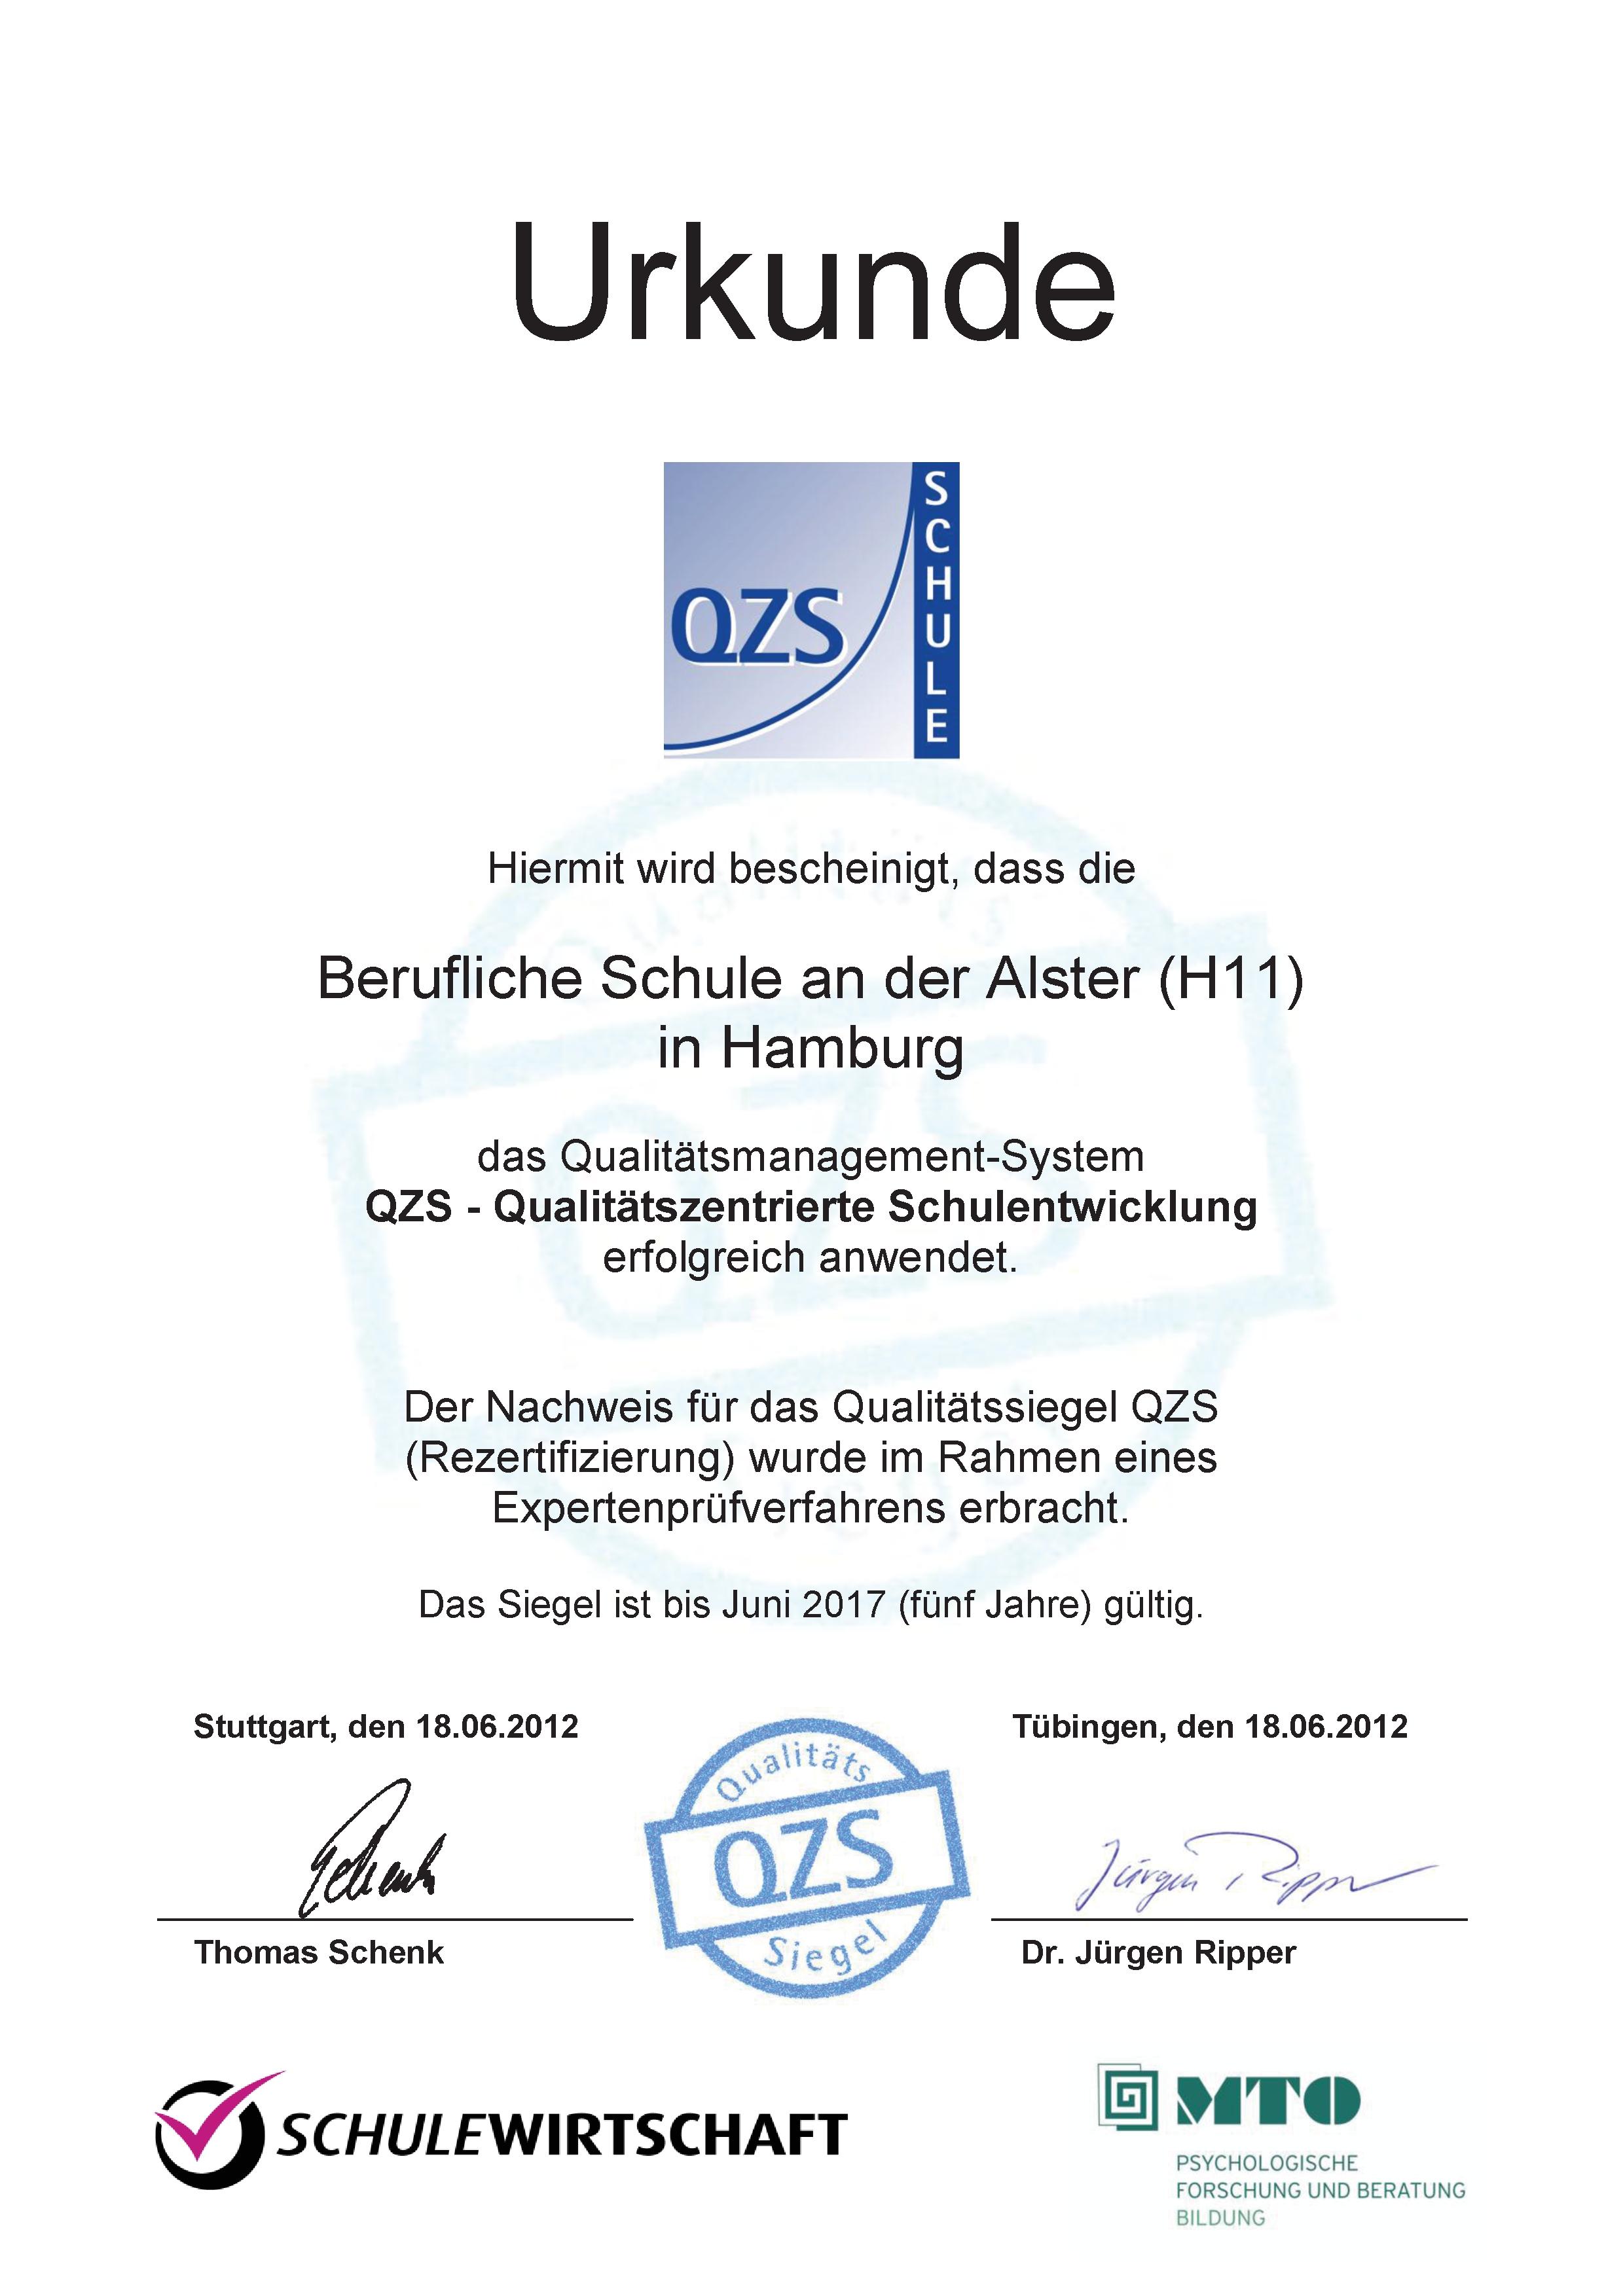 Urkunde_H11_2012-06-18